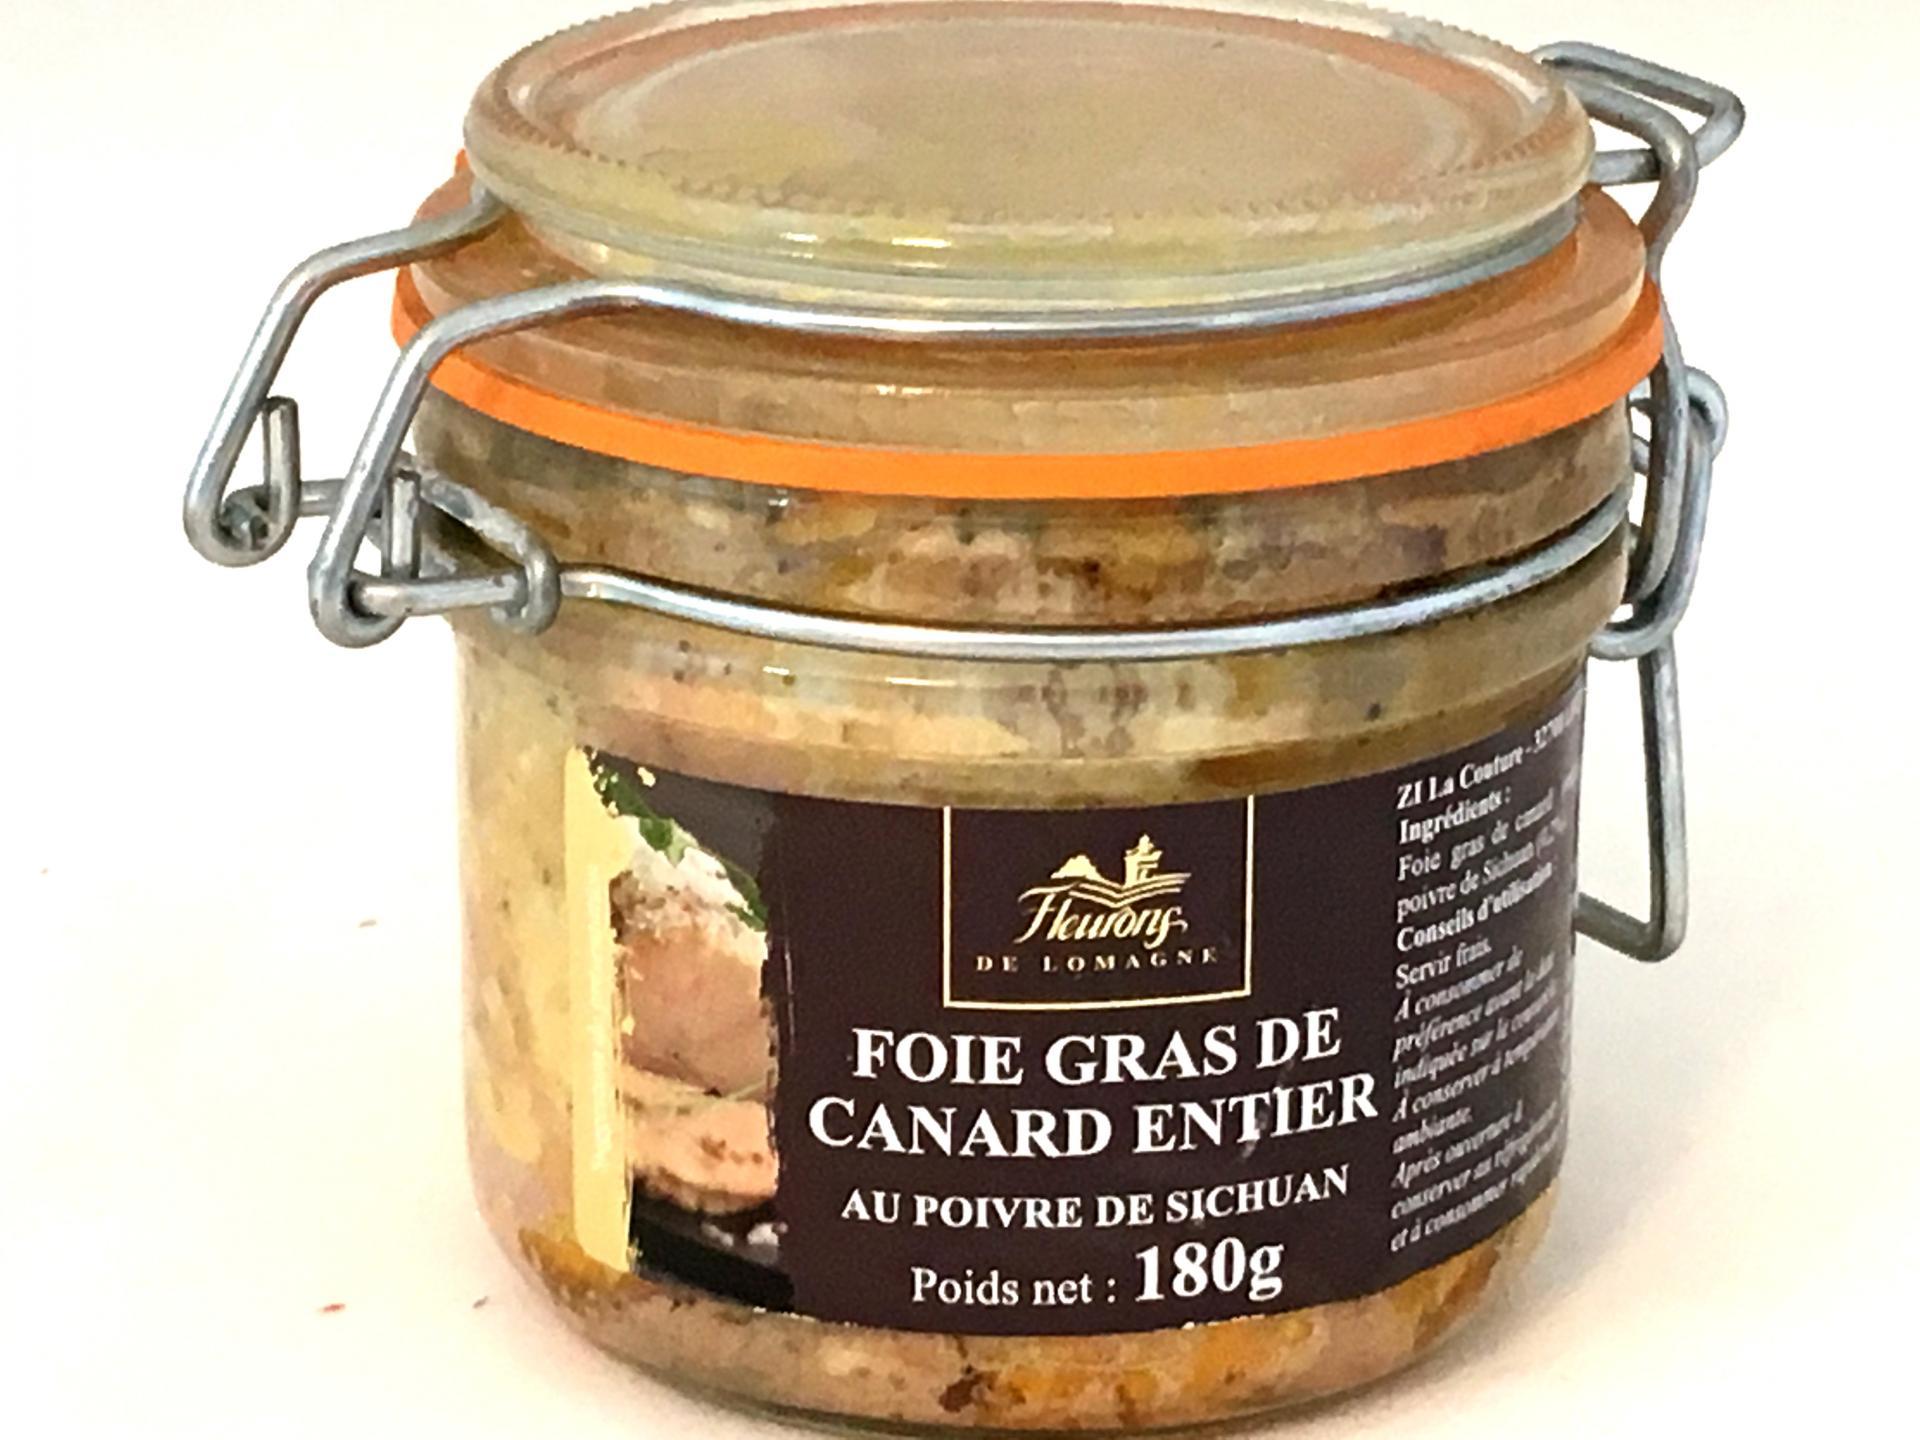 Foie gras de canard entier au poivre de sichuan 180g bocal